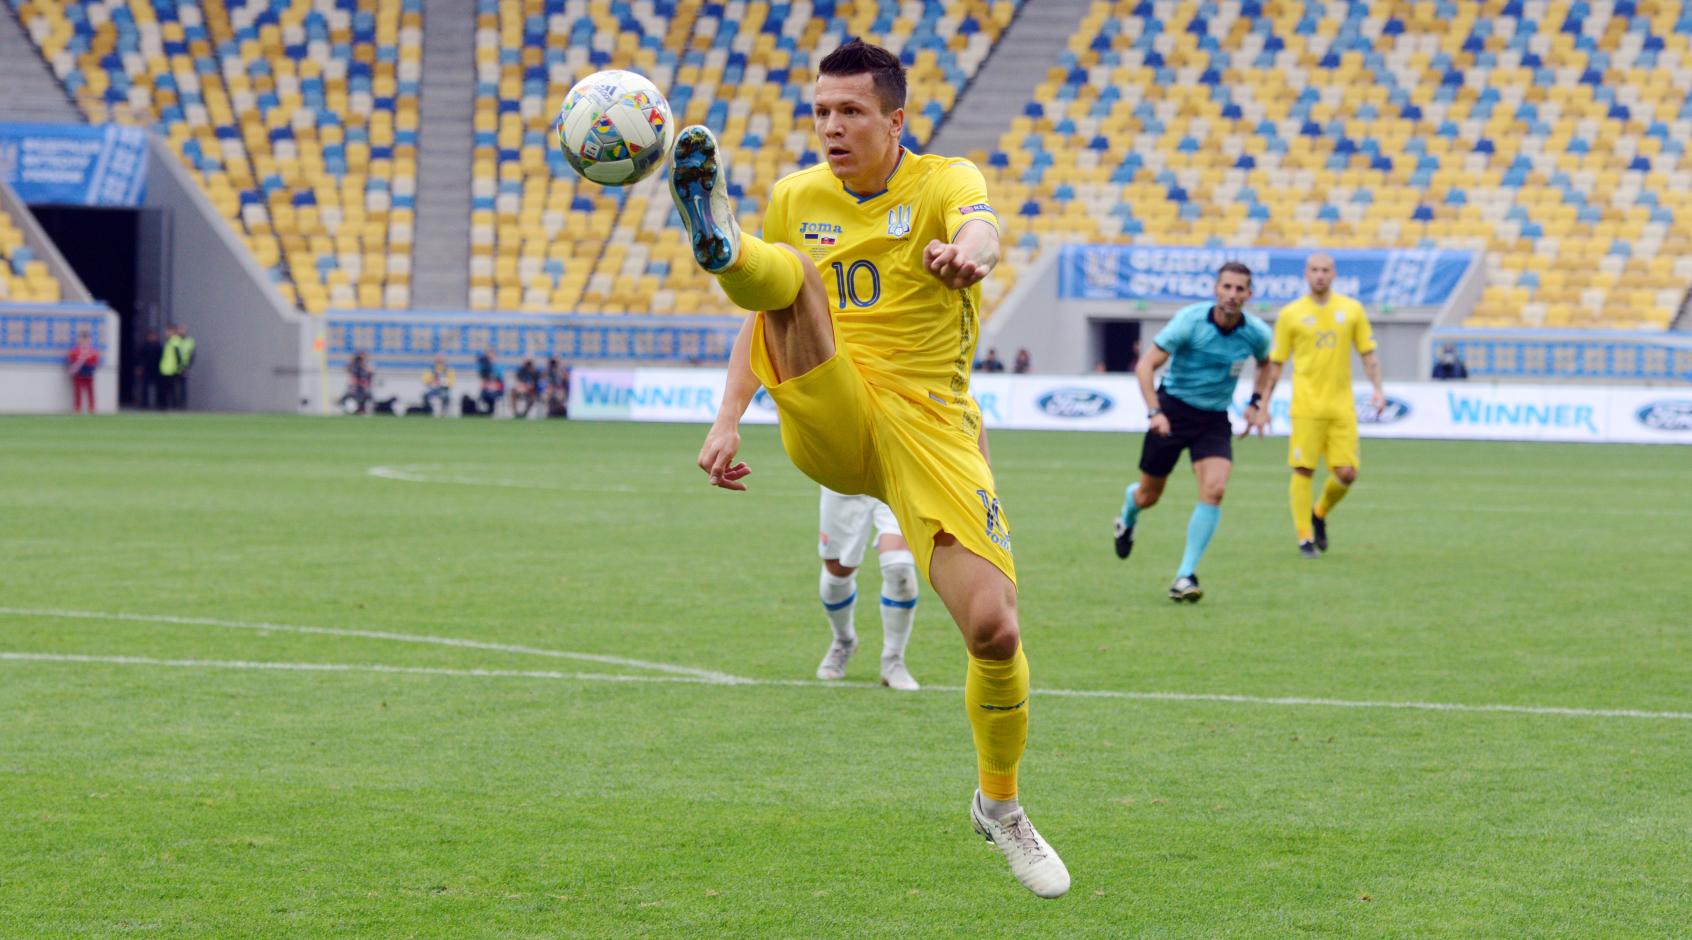 """Xsport: Коноплянка подпишет полноценный контракт с """"Шахтером"""""""